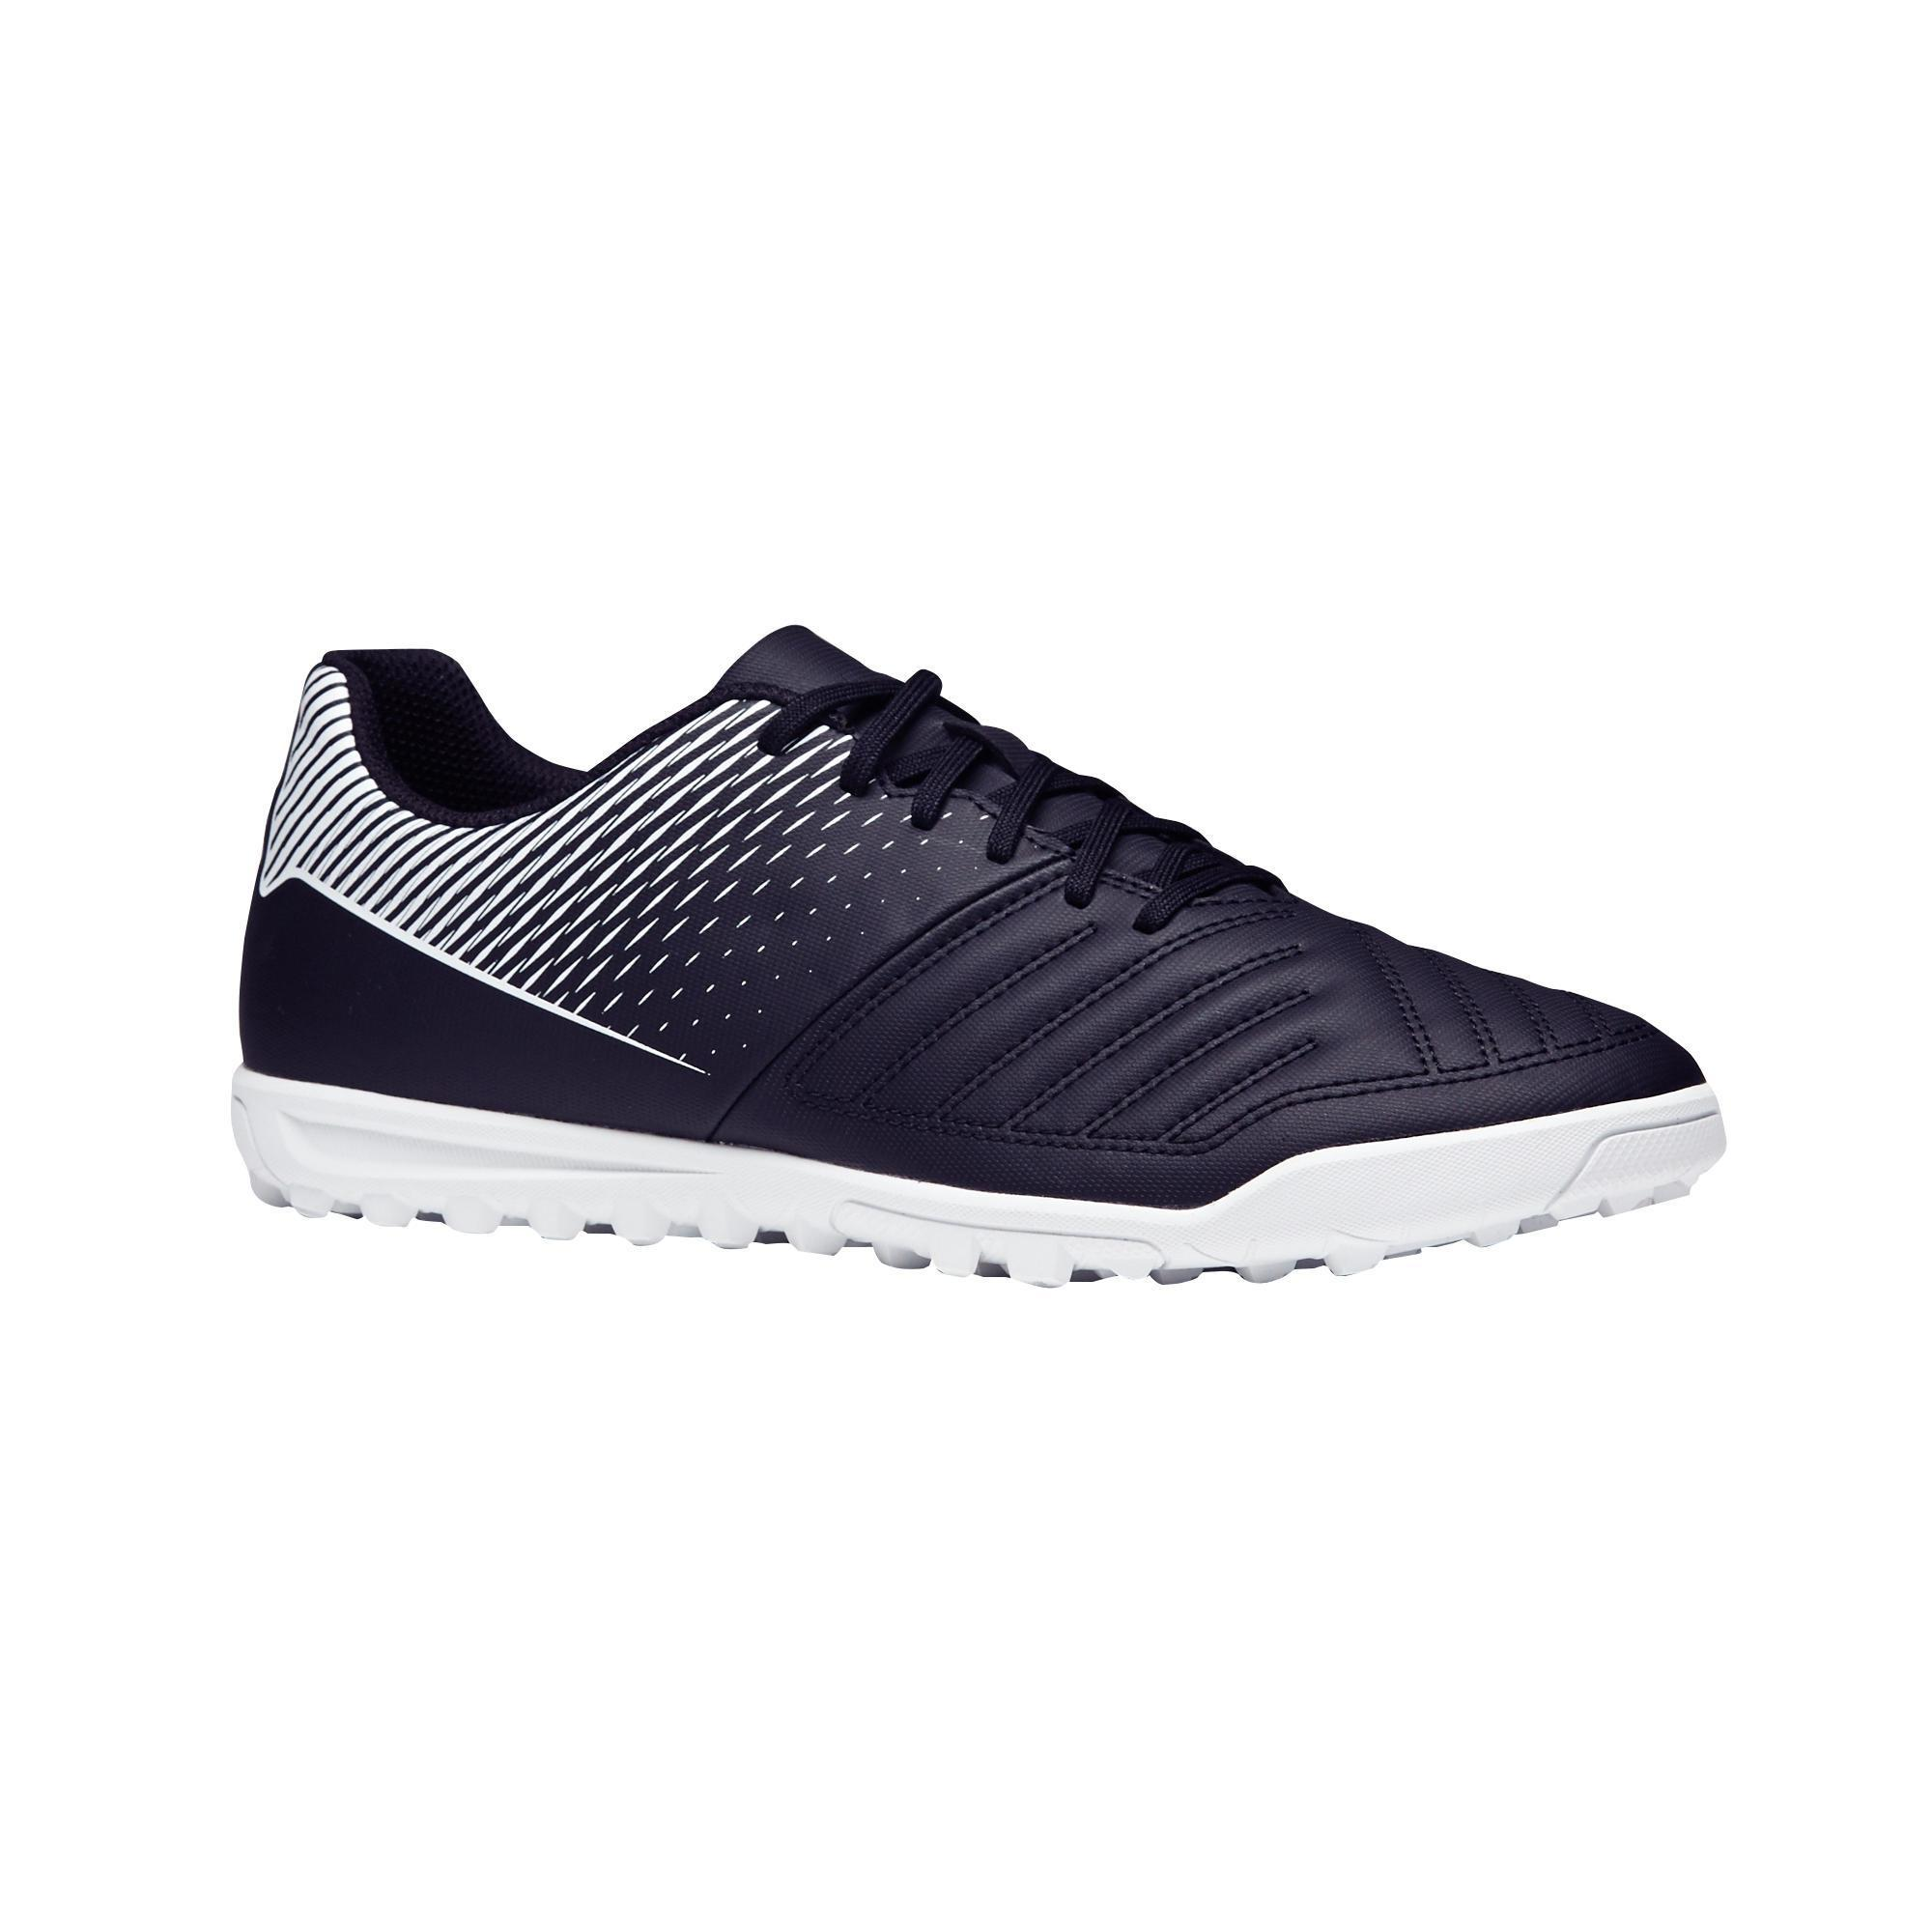 Fußballschuhe Nocken Agility 100 HG Hartböden Erwachsene schwarz/weiß | Schuhe > Sportschuhe > Fußballschuhe | Schwarz | Pu | Kipsta